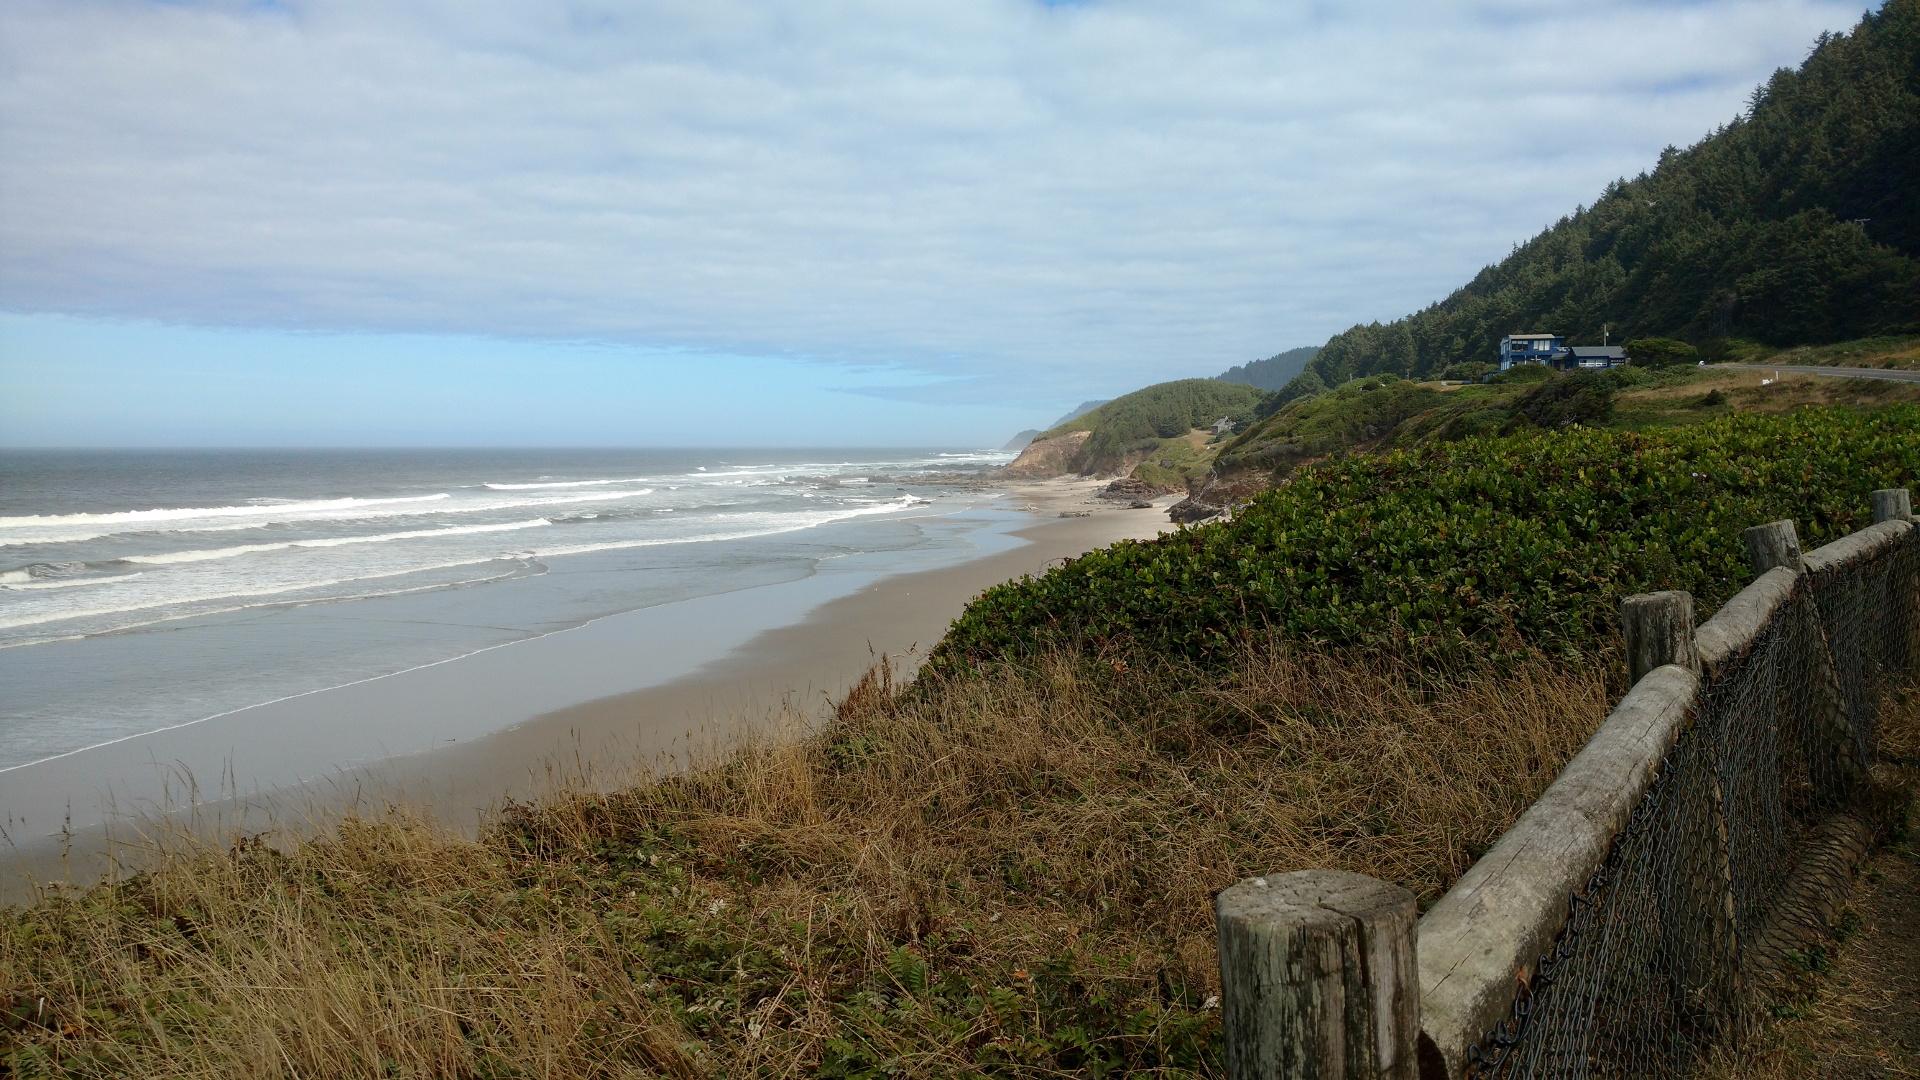 太平洋の長い海岸線が続く。